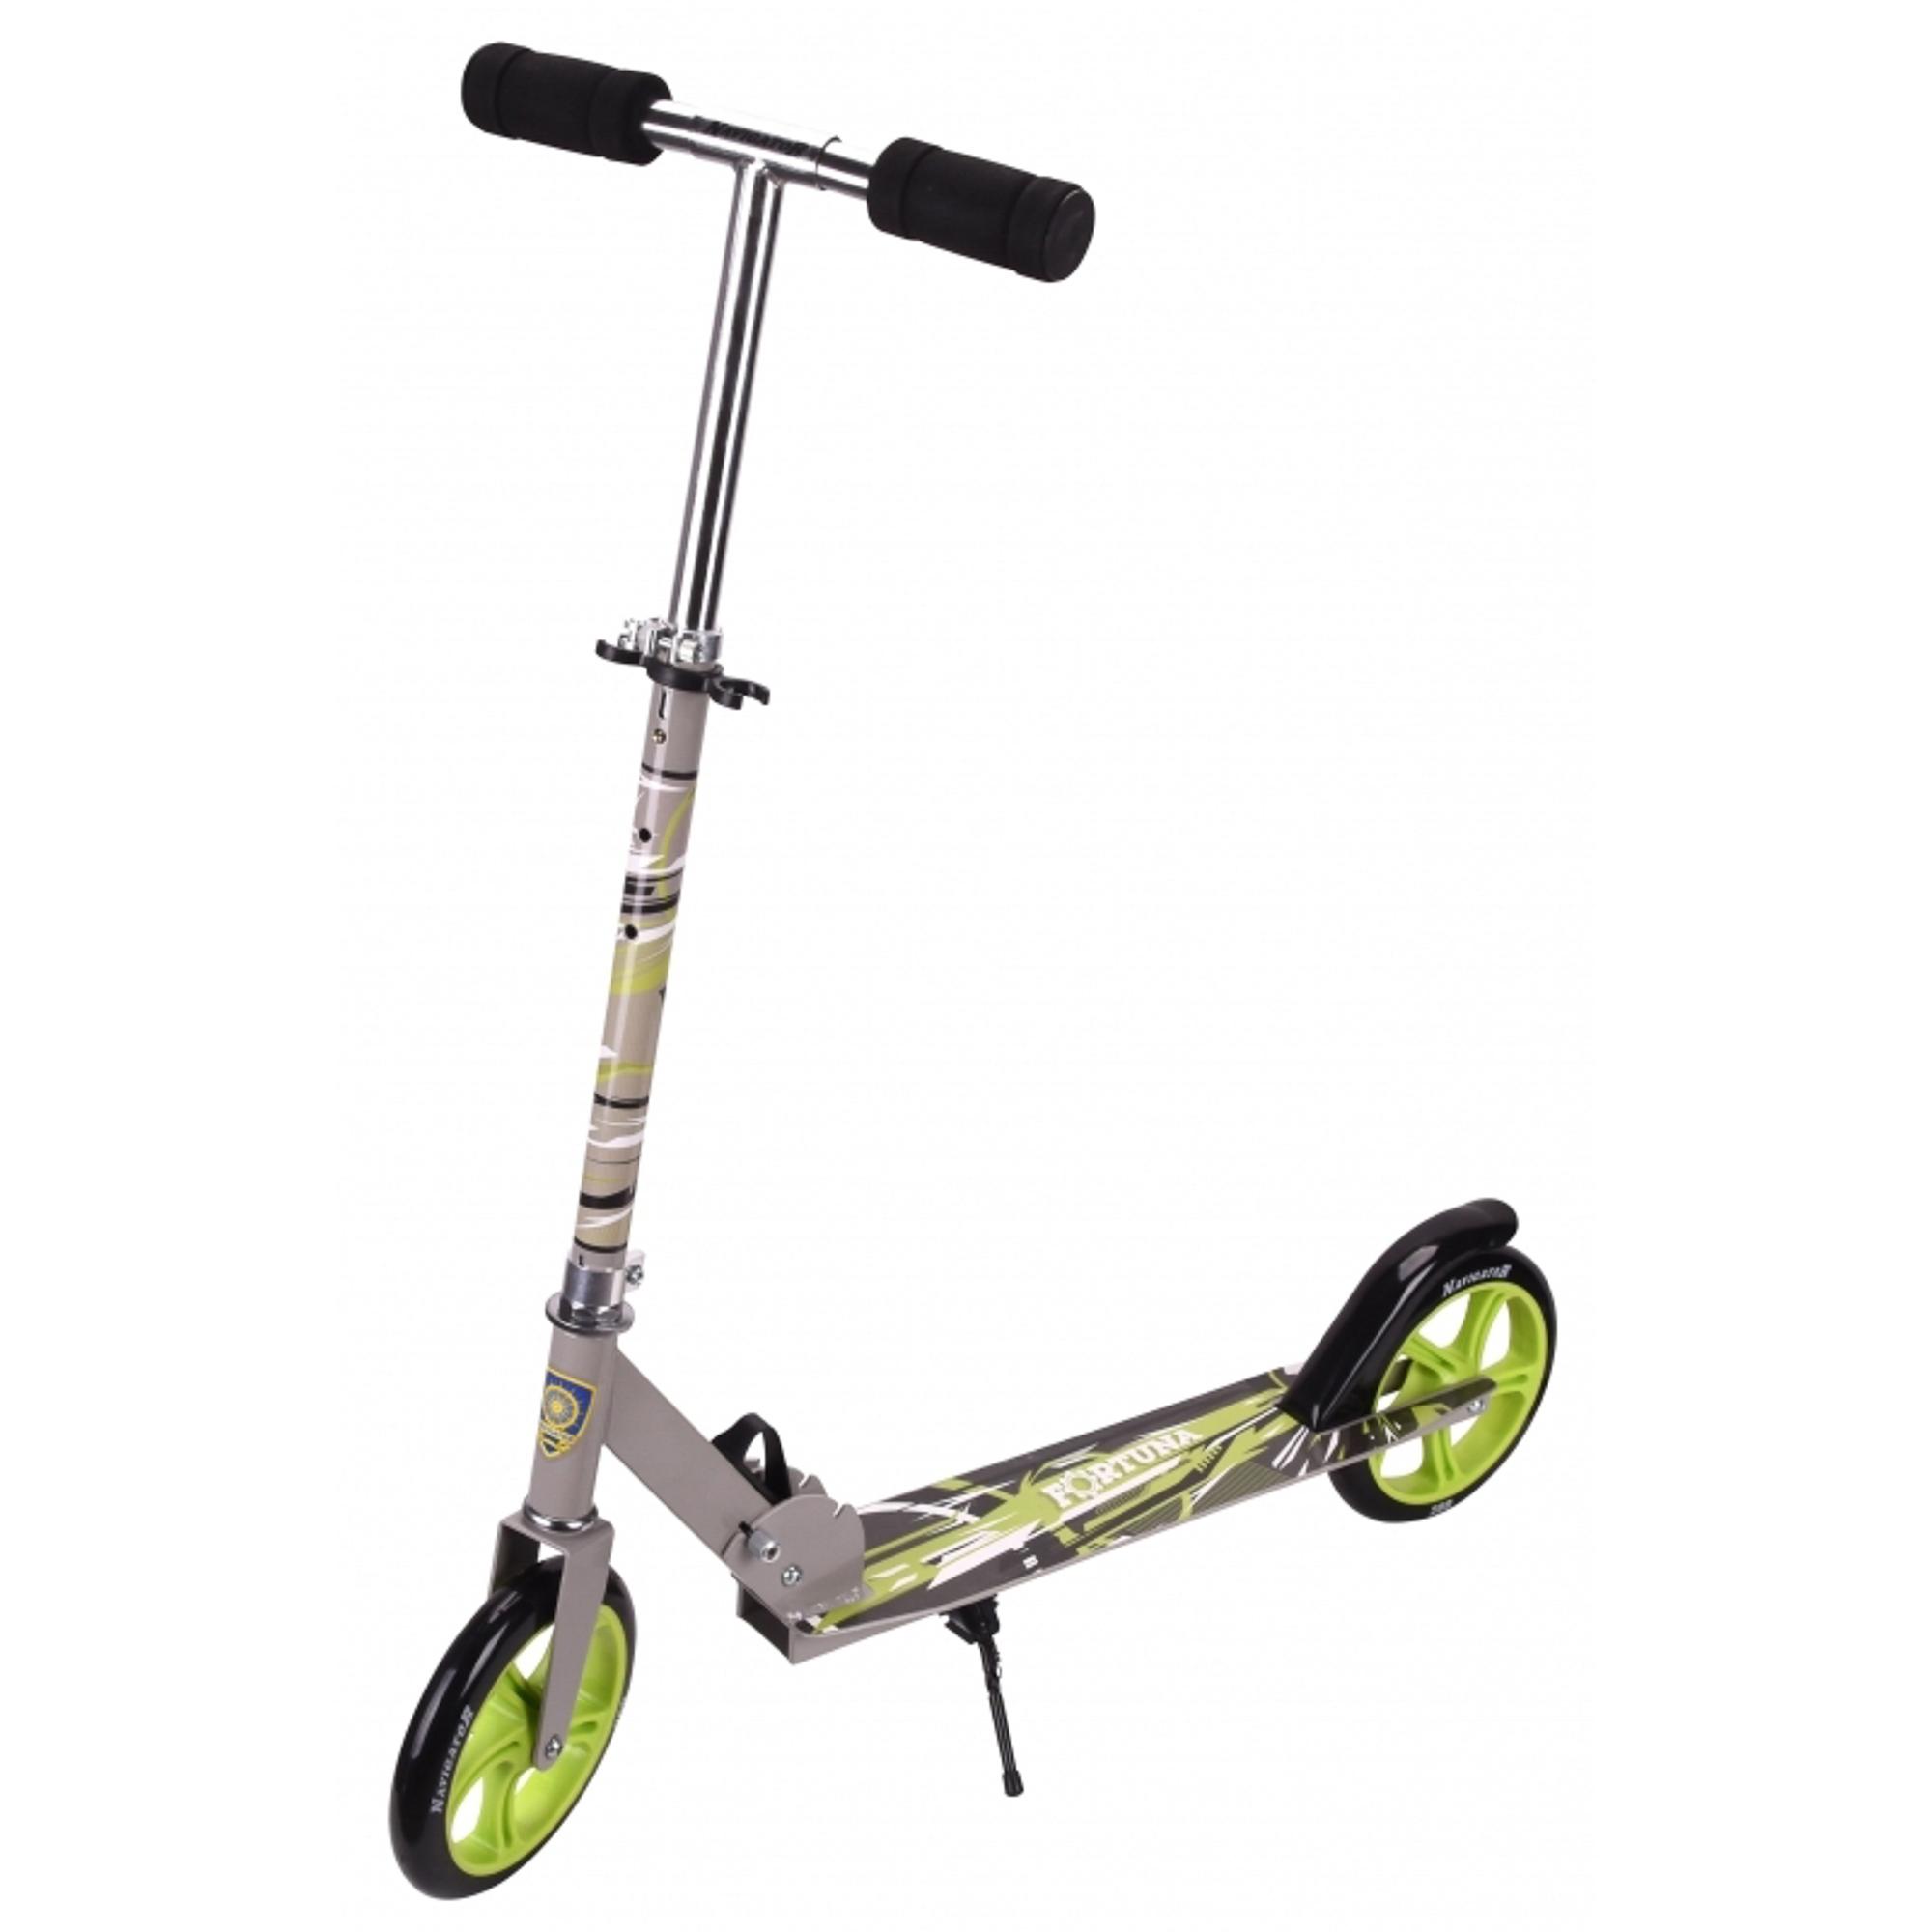 Фото - Самокат navigator fortuna 2-х колесный navigator скейт navigator пластиковый светящиеся колеса в ассорт